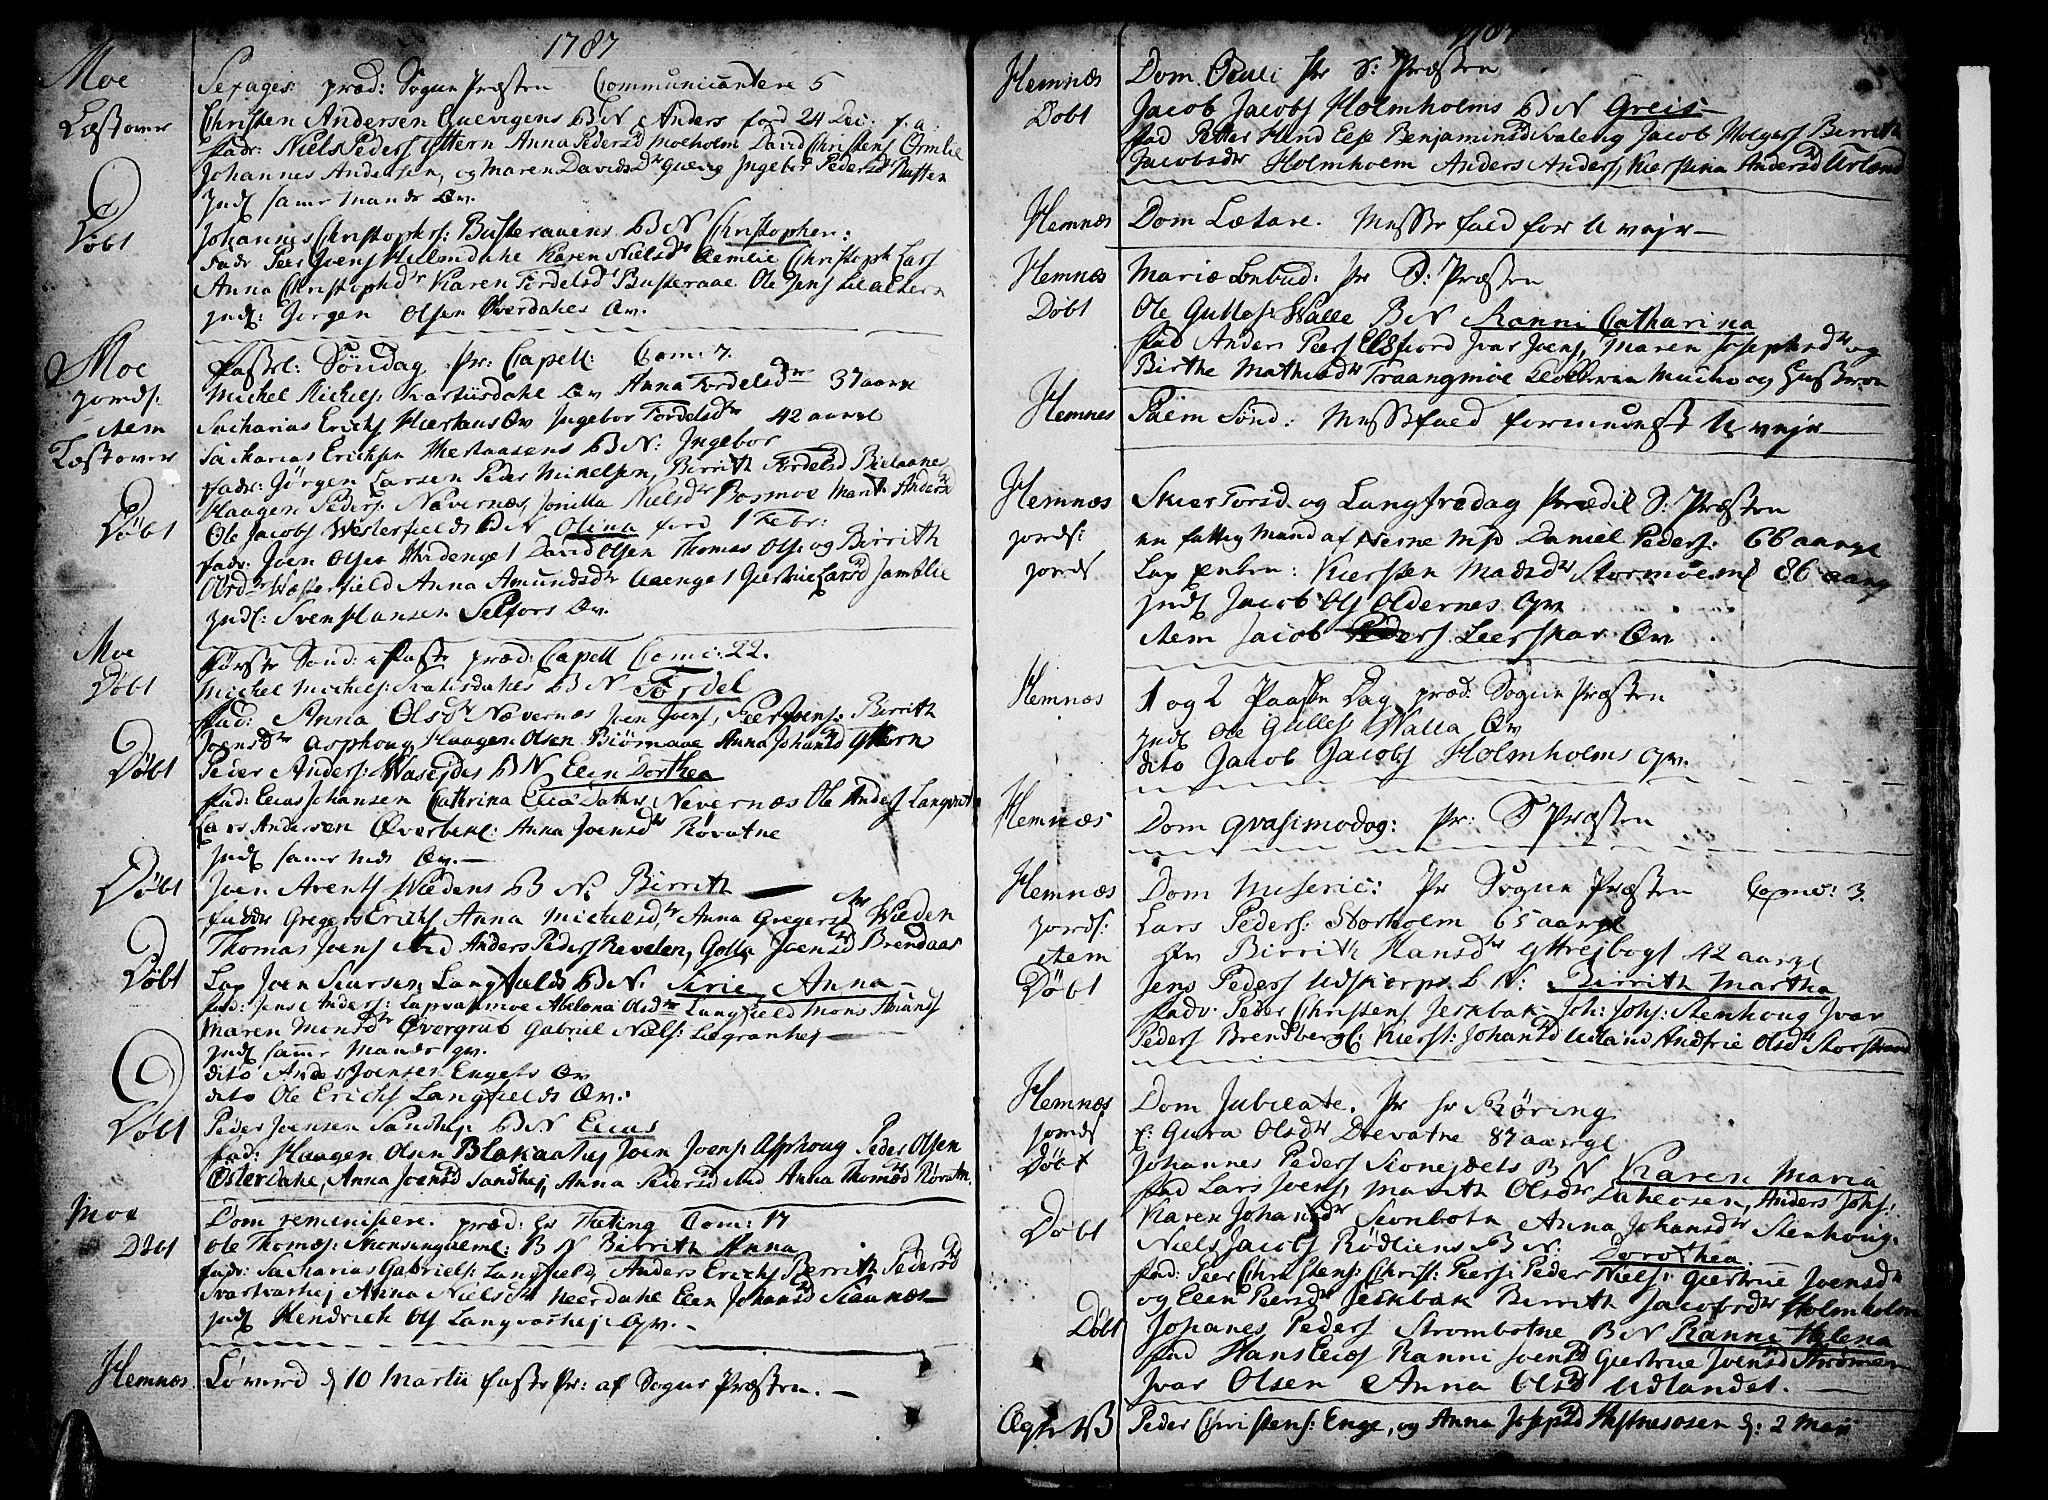 SAT, Ministerialprotokoller, klokkerbøker og fødselsregistre - Nordland, 825/L0348: Parish register (official) no. 825A04, 1752-1788, p. 358